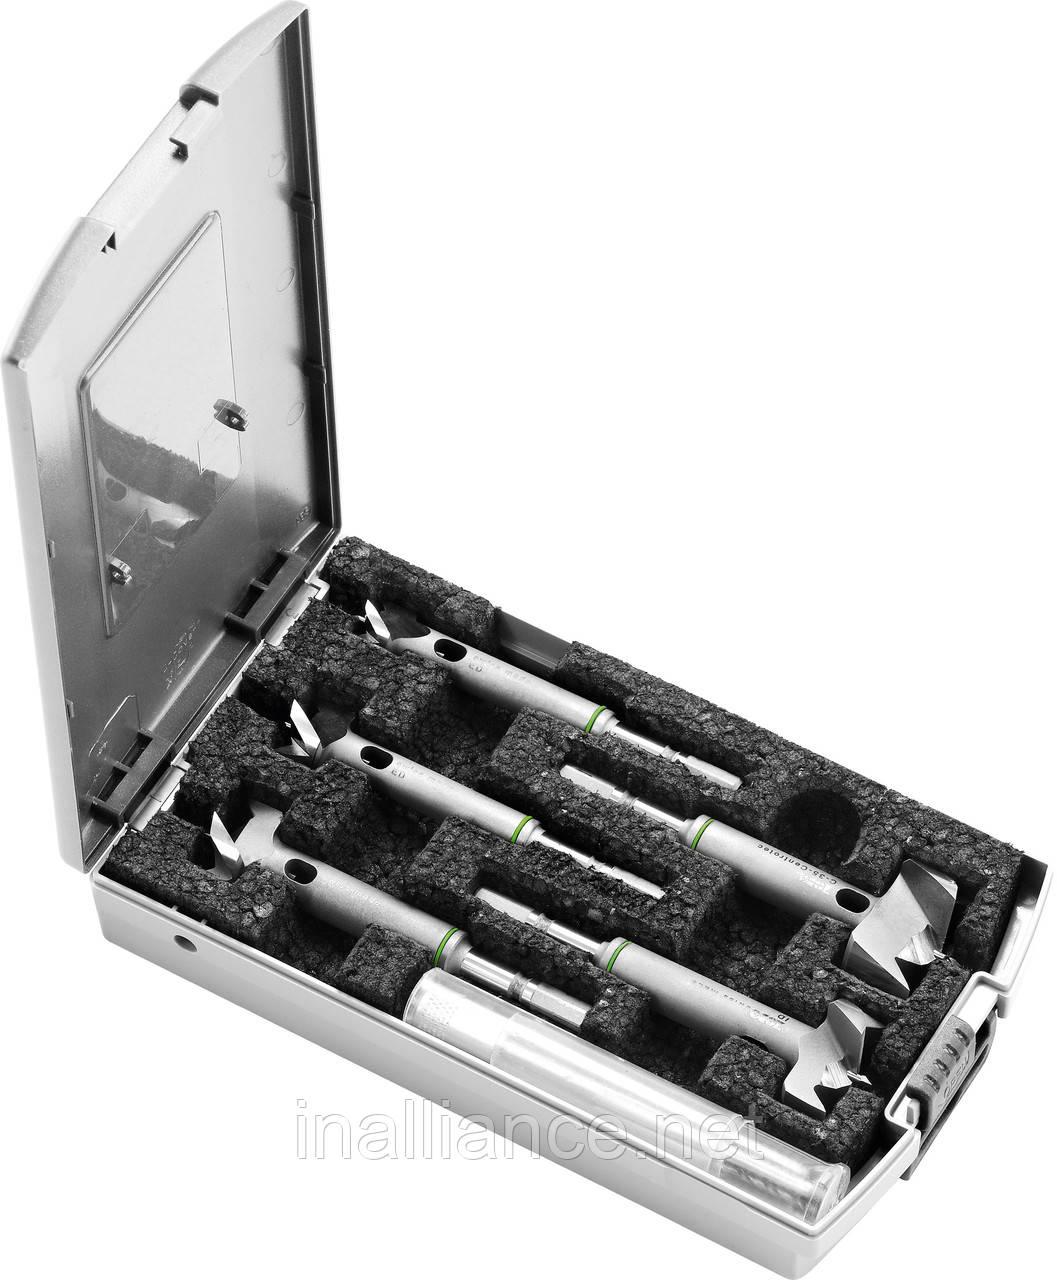 Набор свёрл системы ZOBO FB Set D 15-35 CE-Zobo Festool 496390